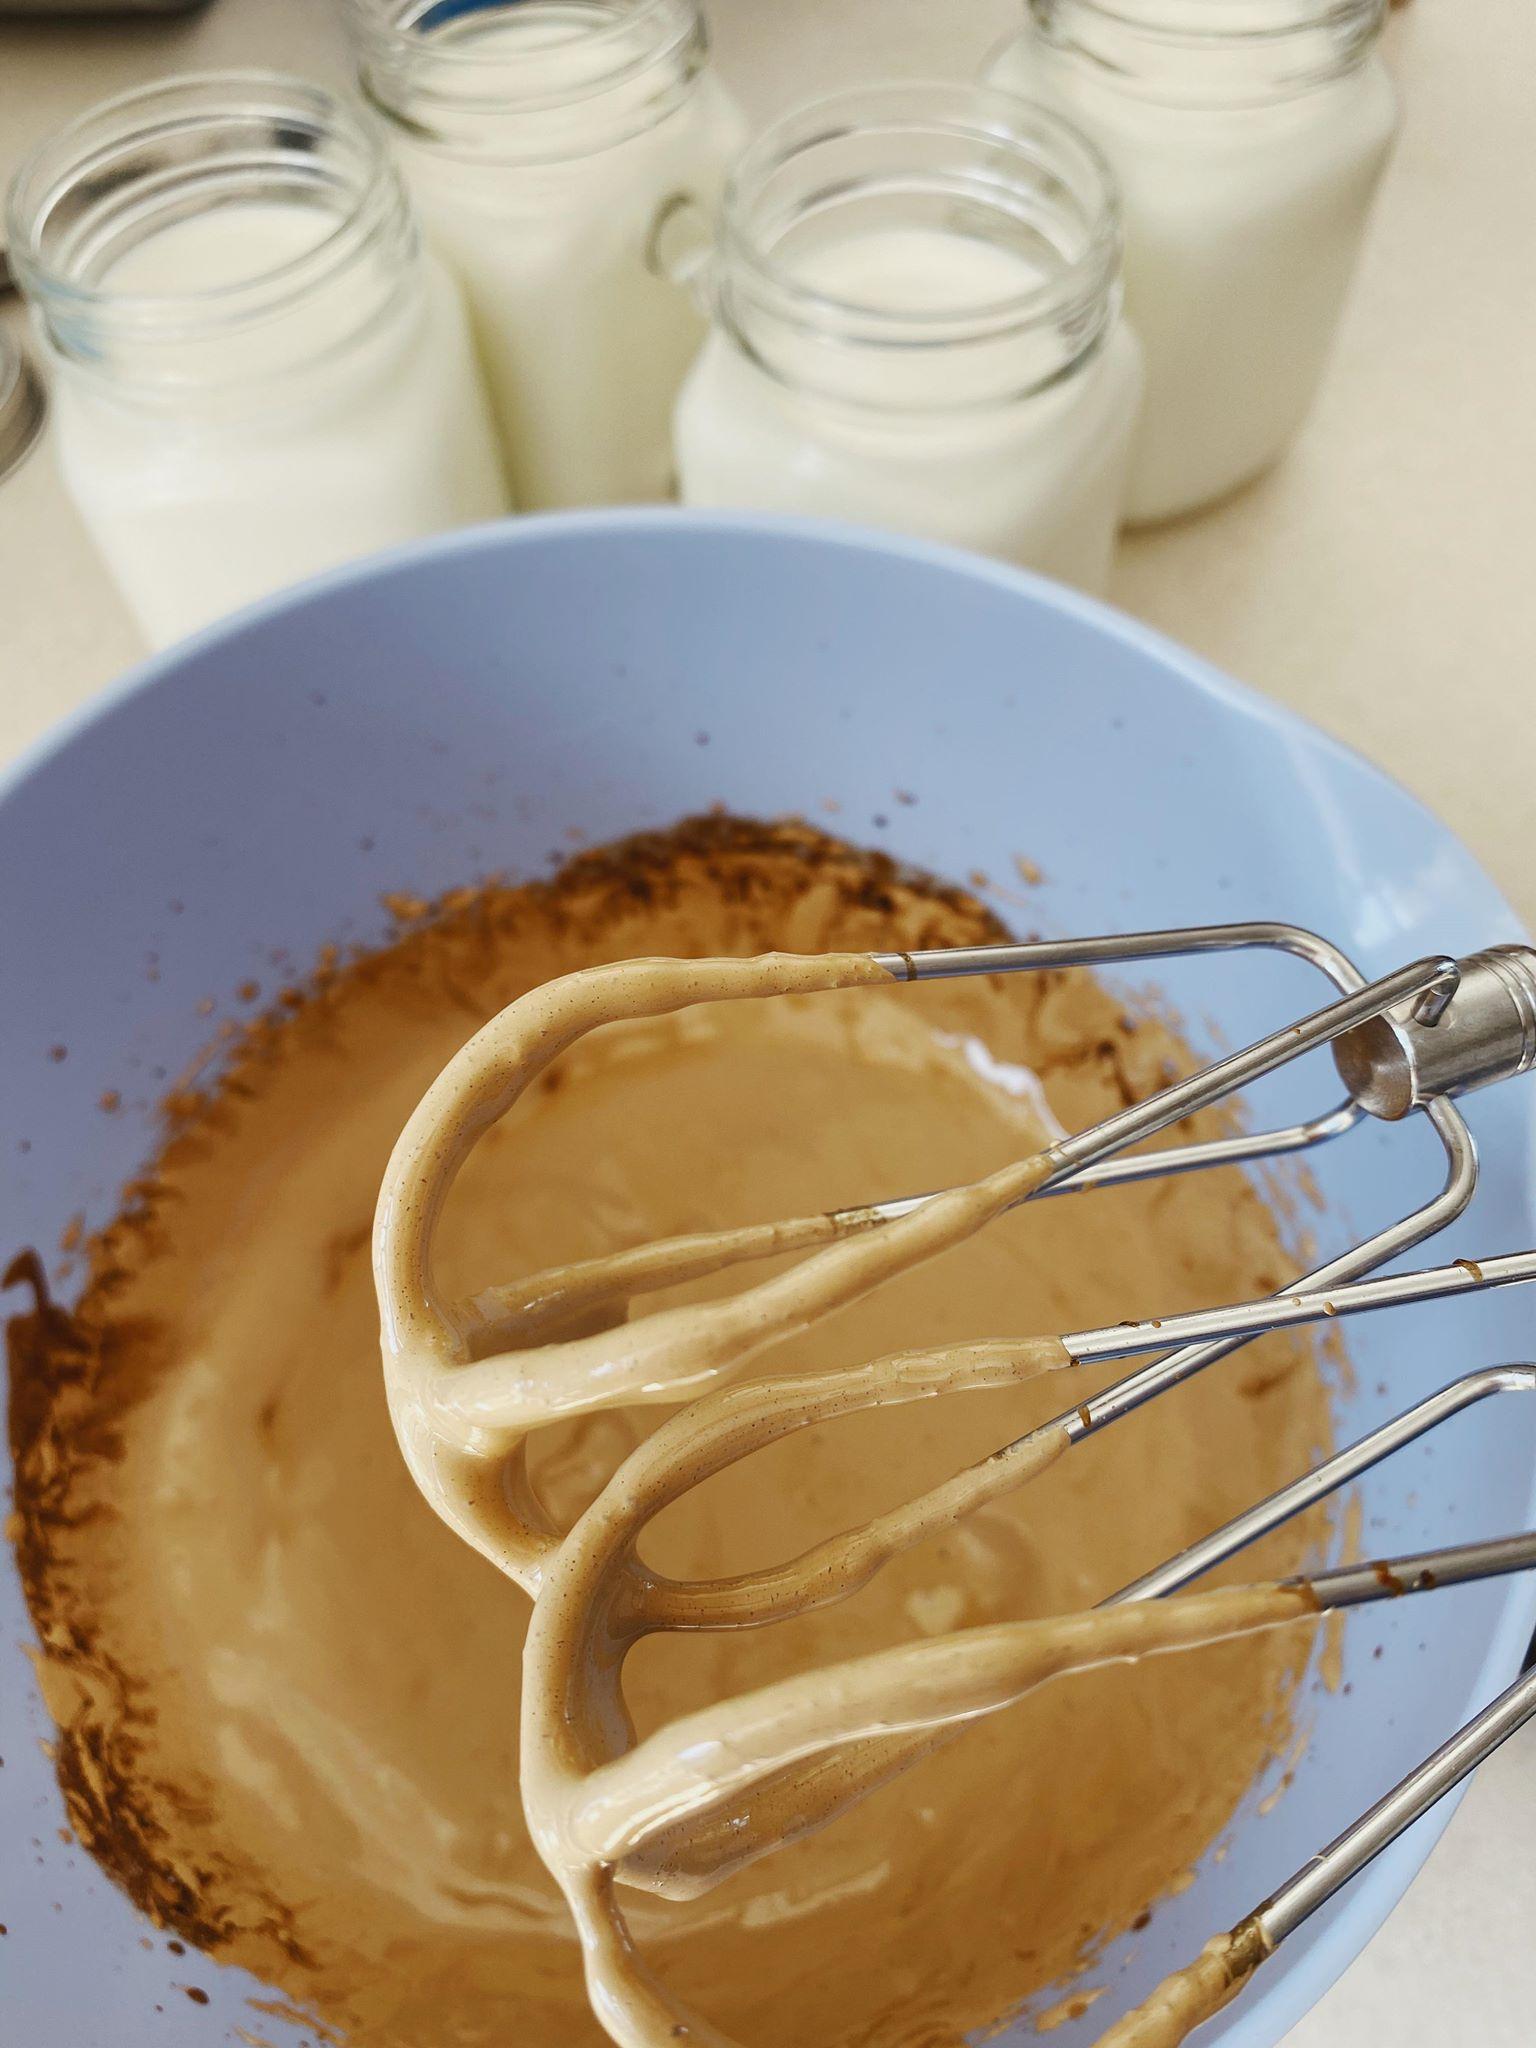 Dalgona kaffe (iskaffe med kaffeskum)